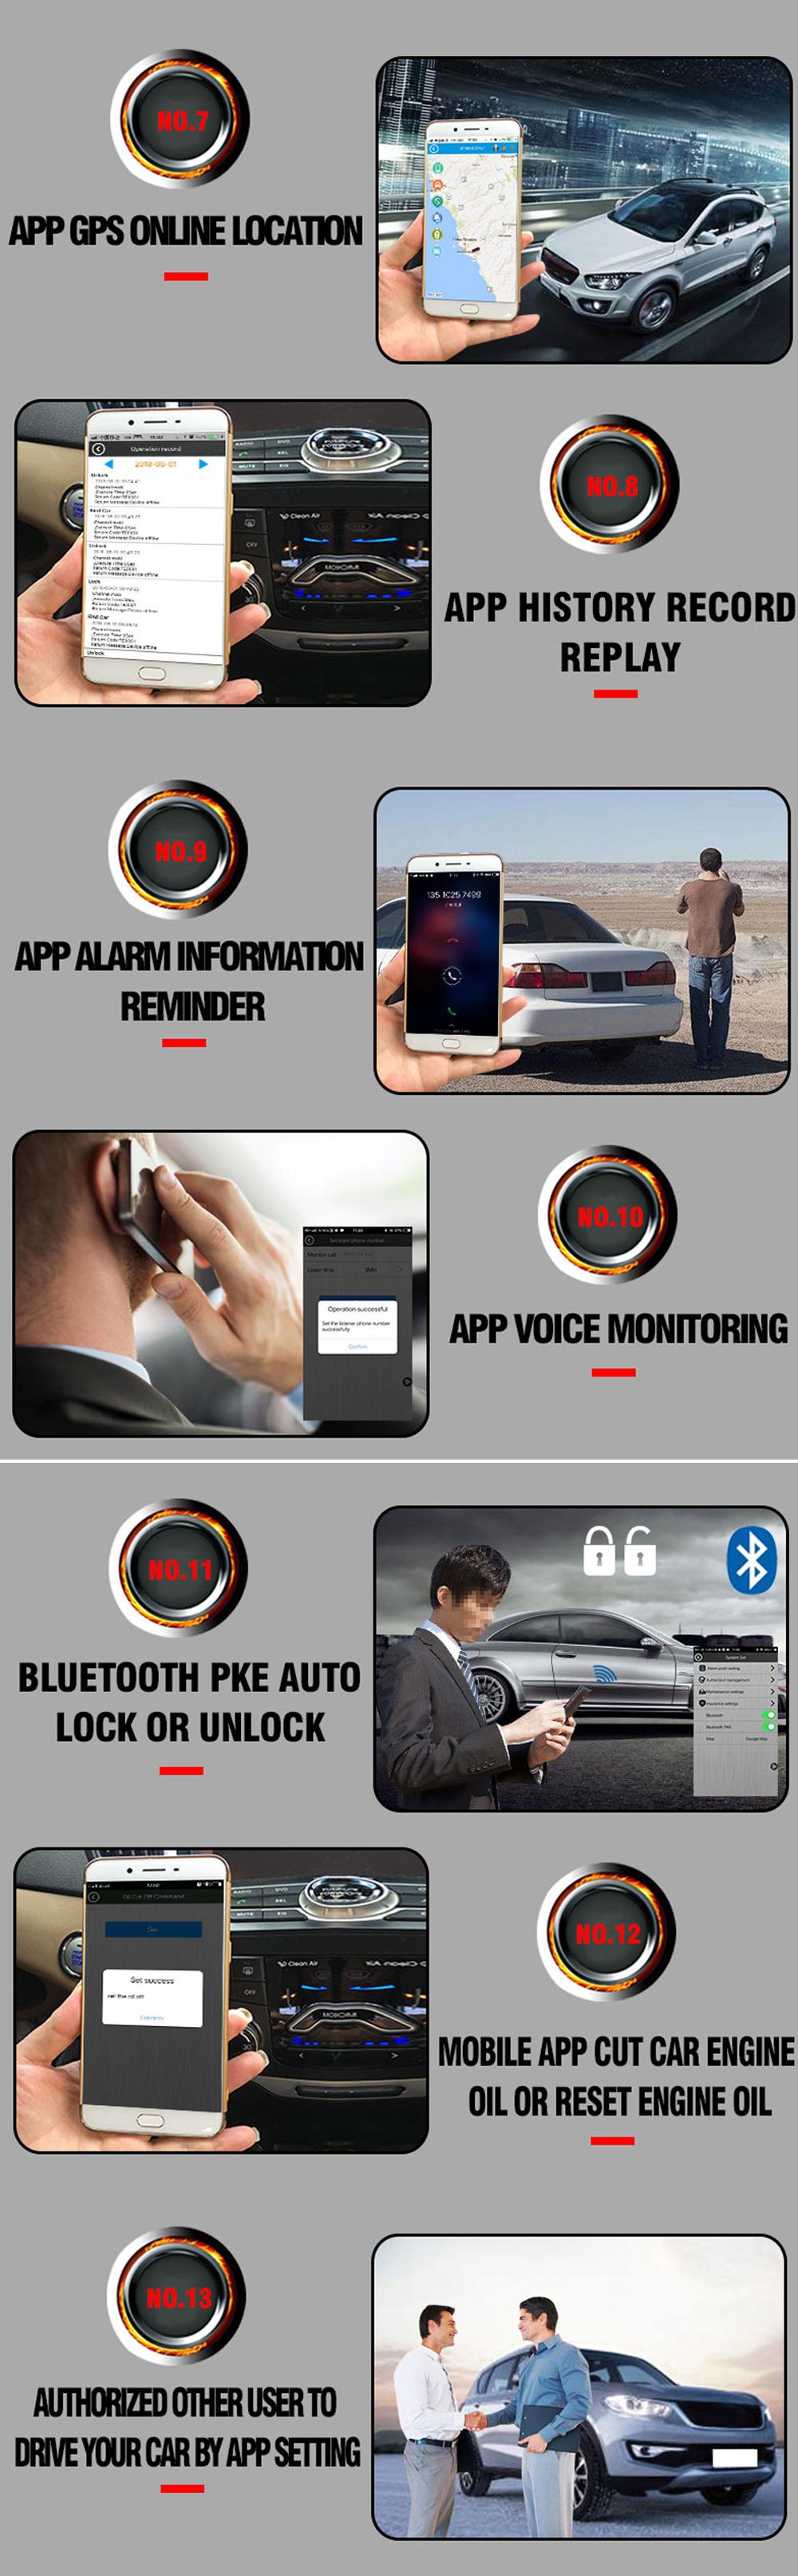 Mobile App function 2.jpg